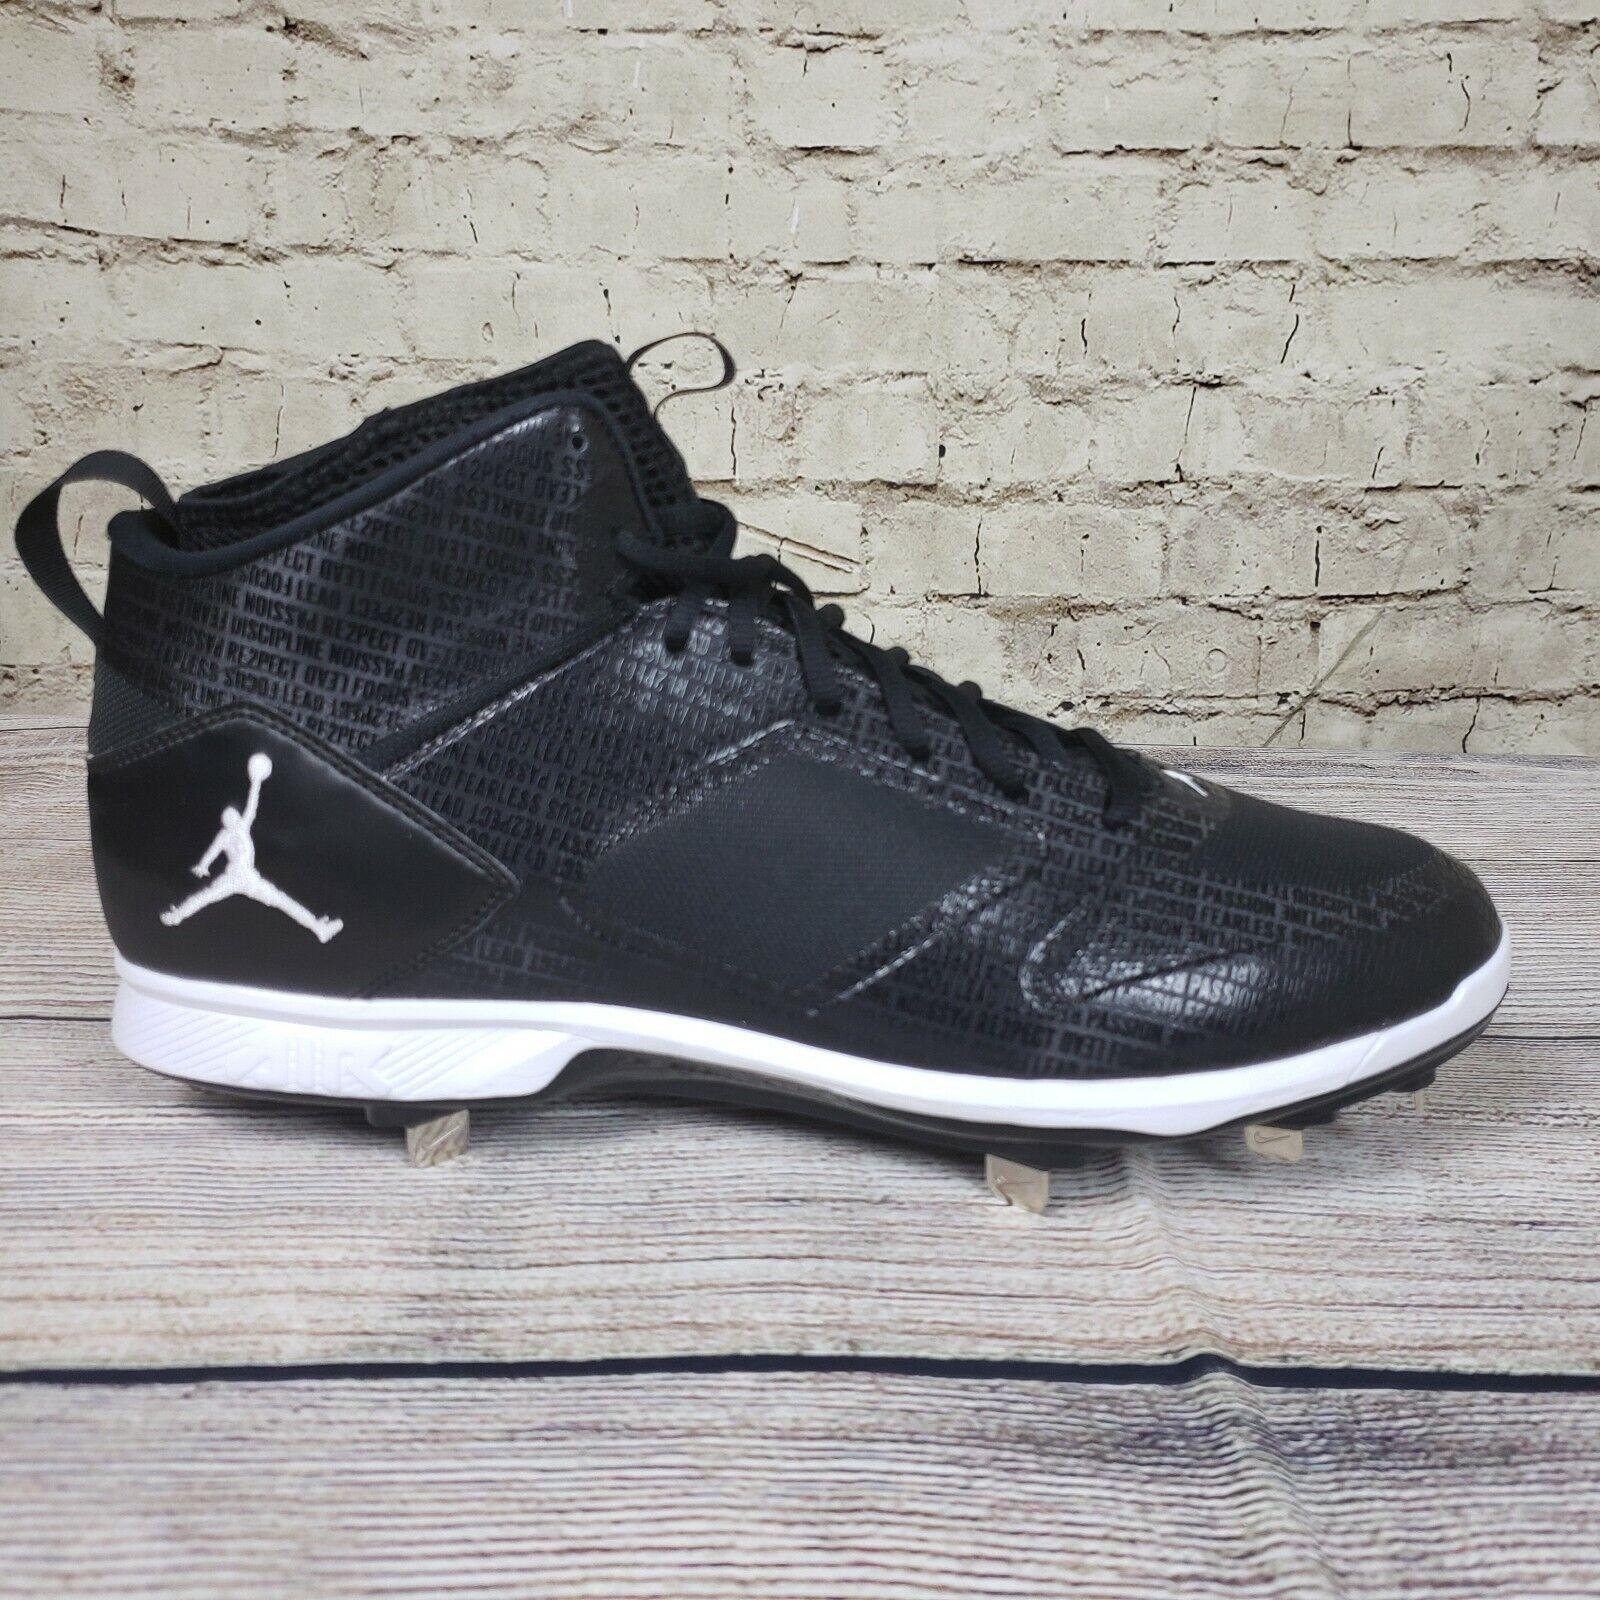 Nike Air Jordan Derek Jeter Metal